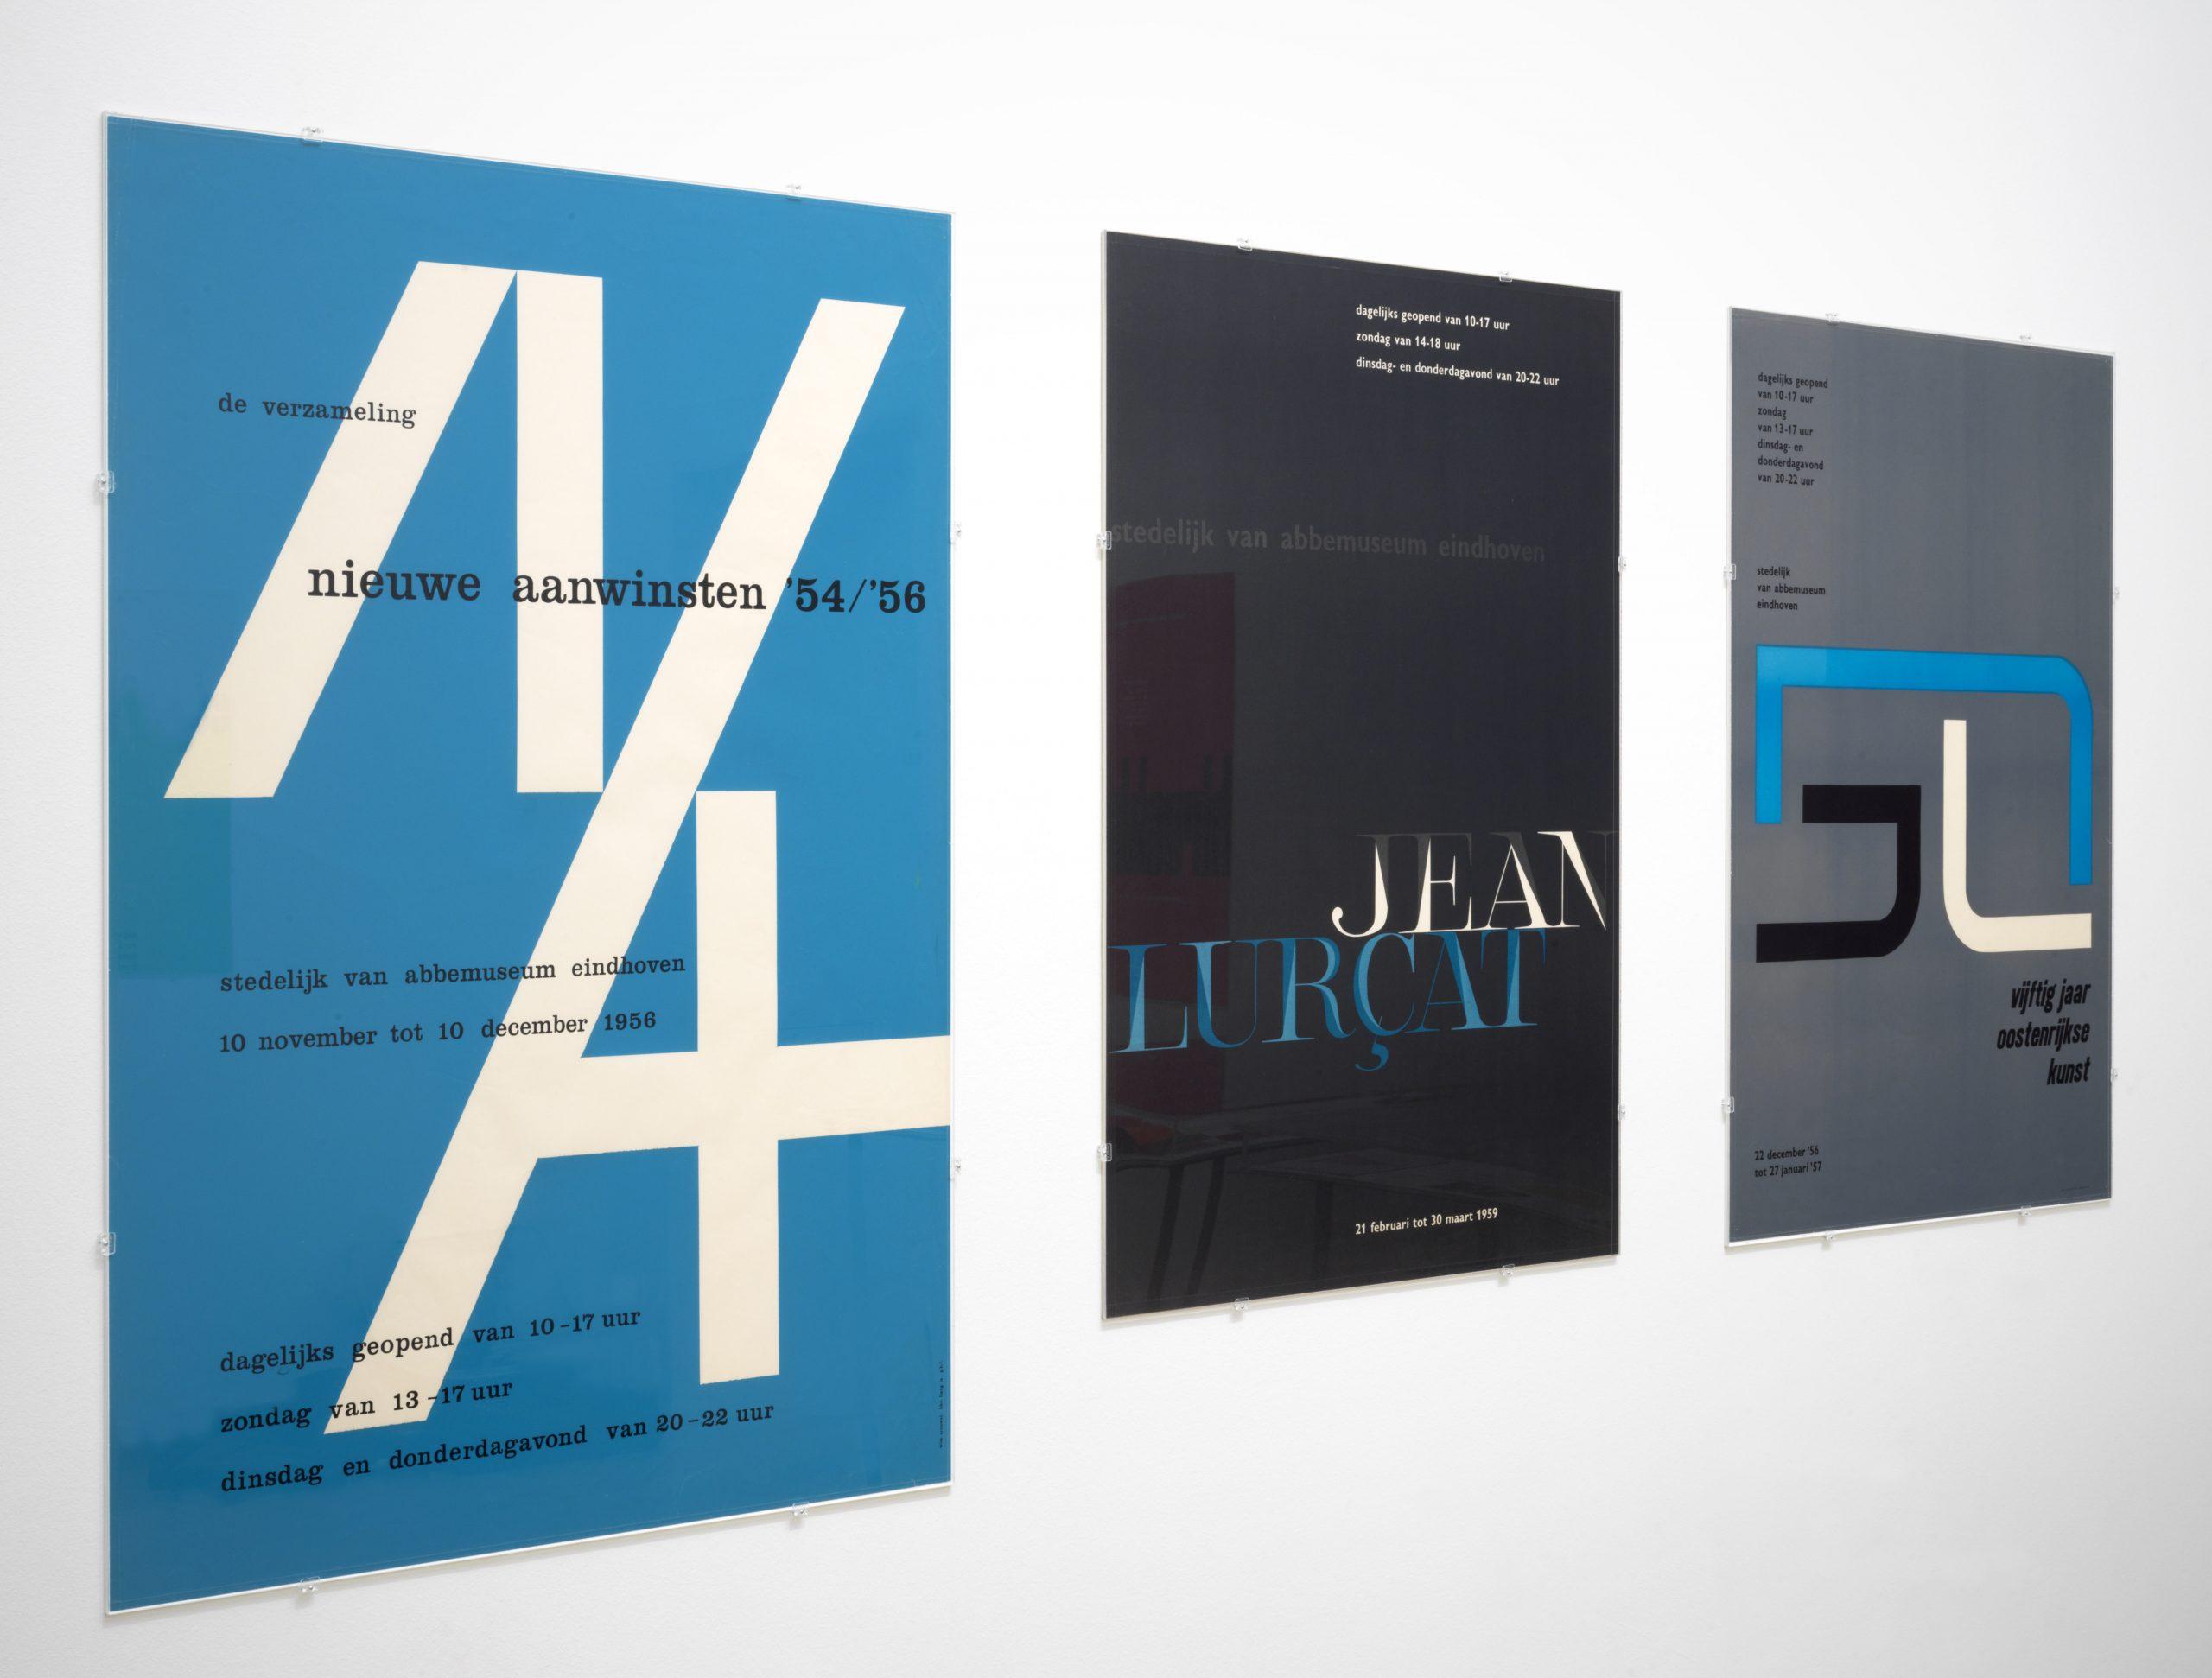 Exhibition: Wim Crouwel: Mr. Gridnik. Stedelijk Museum Amsterdam, 2019. Photo: Gert Jan van Rooij